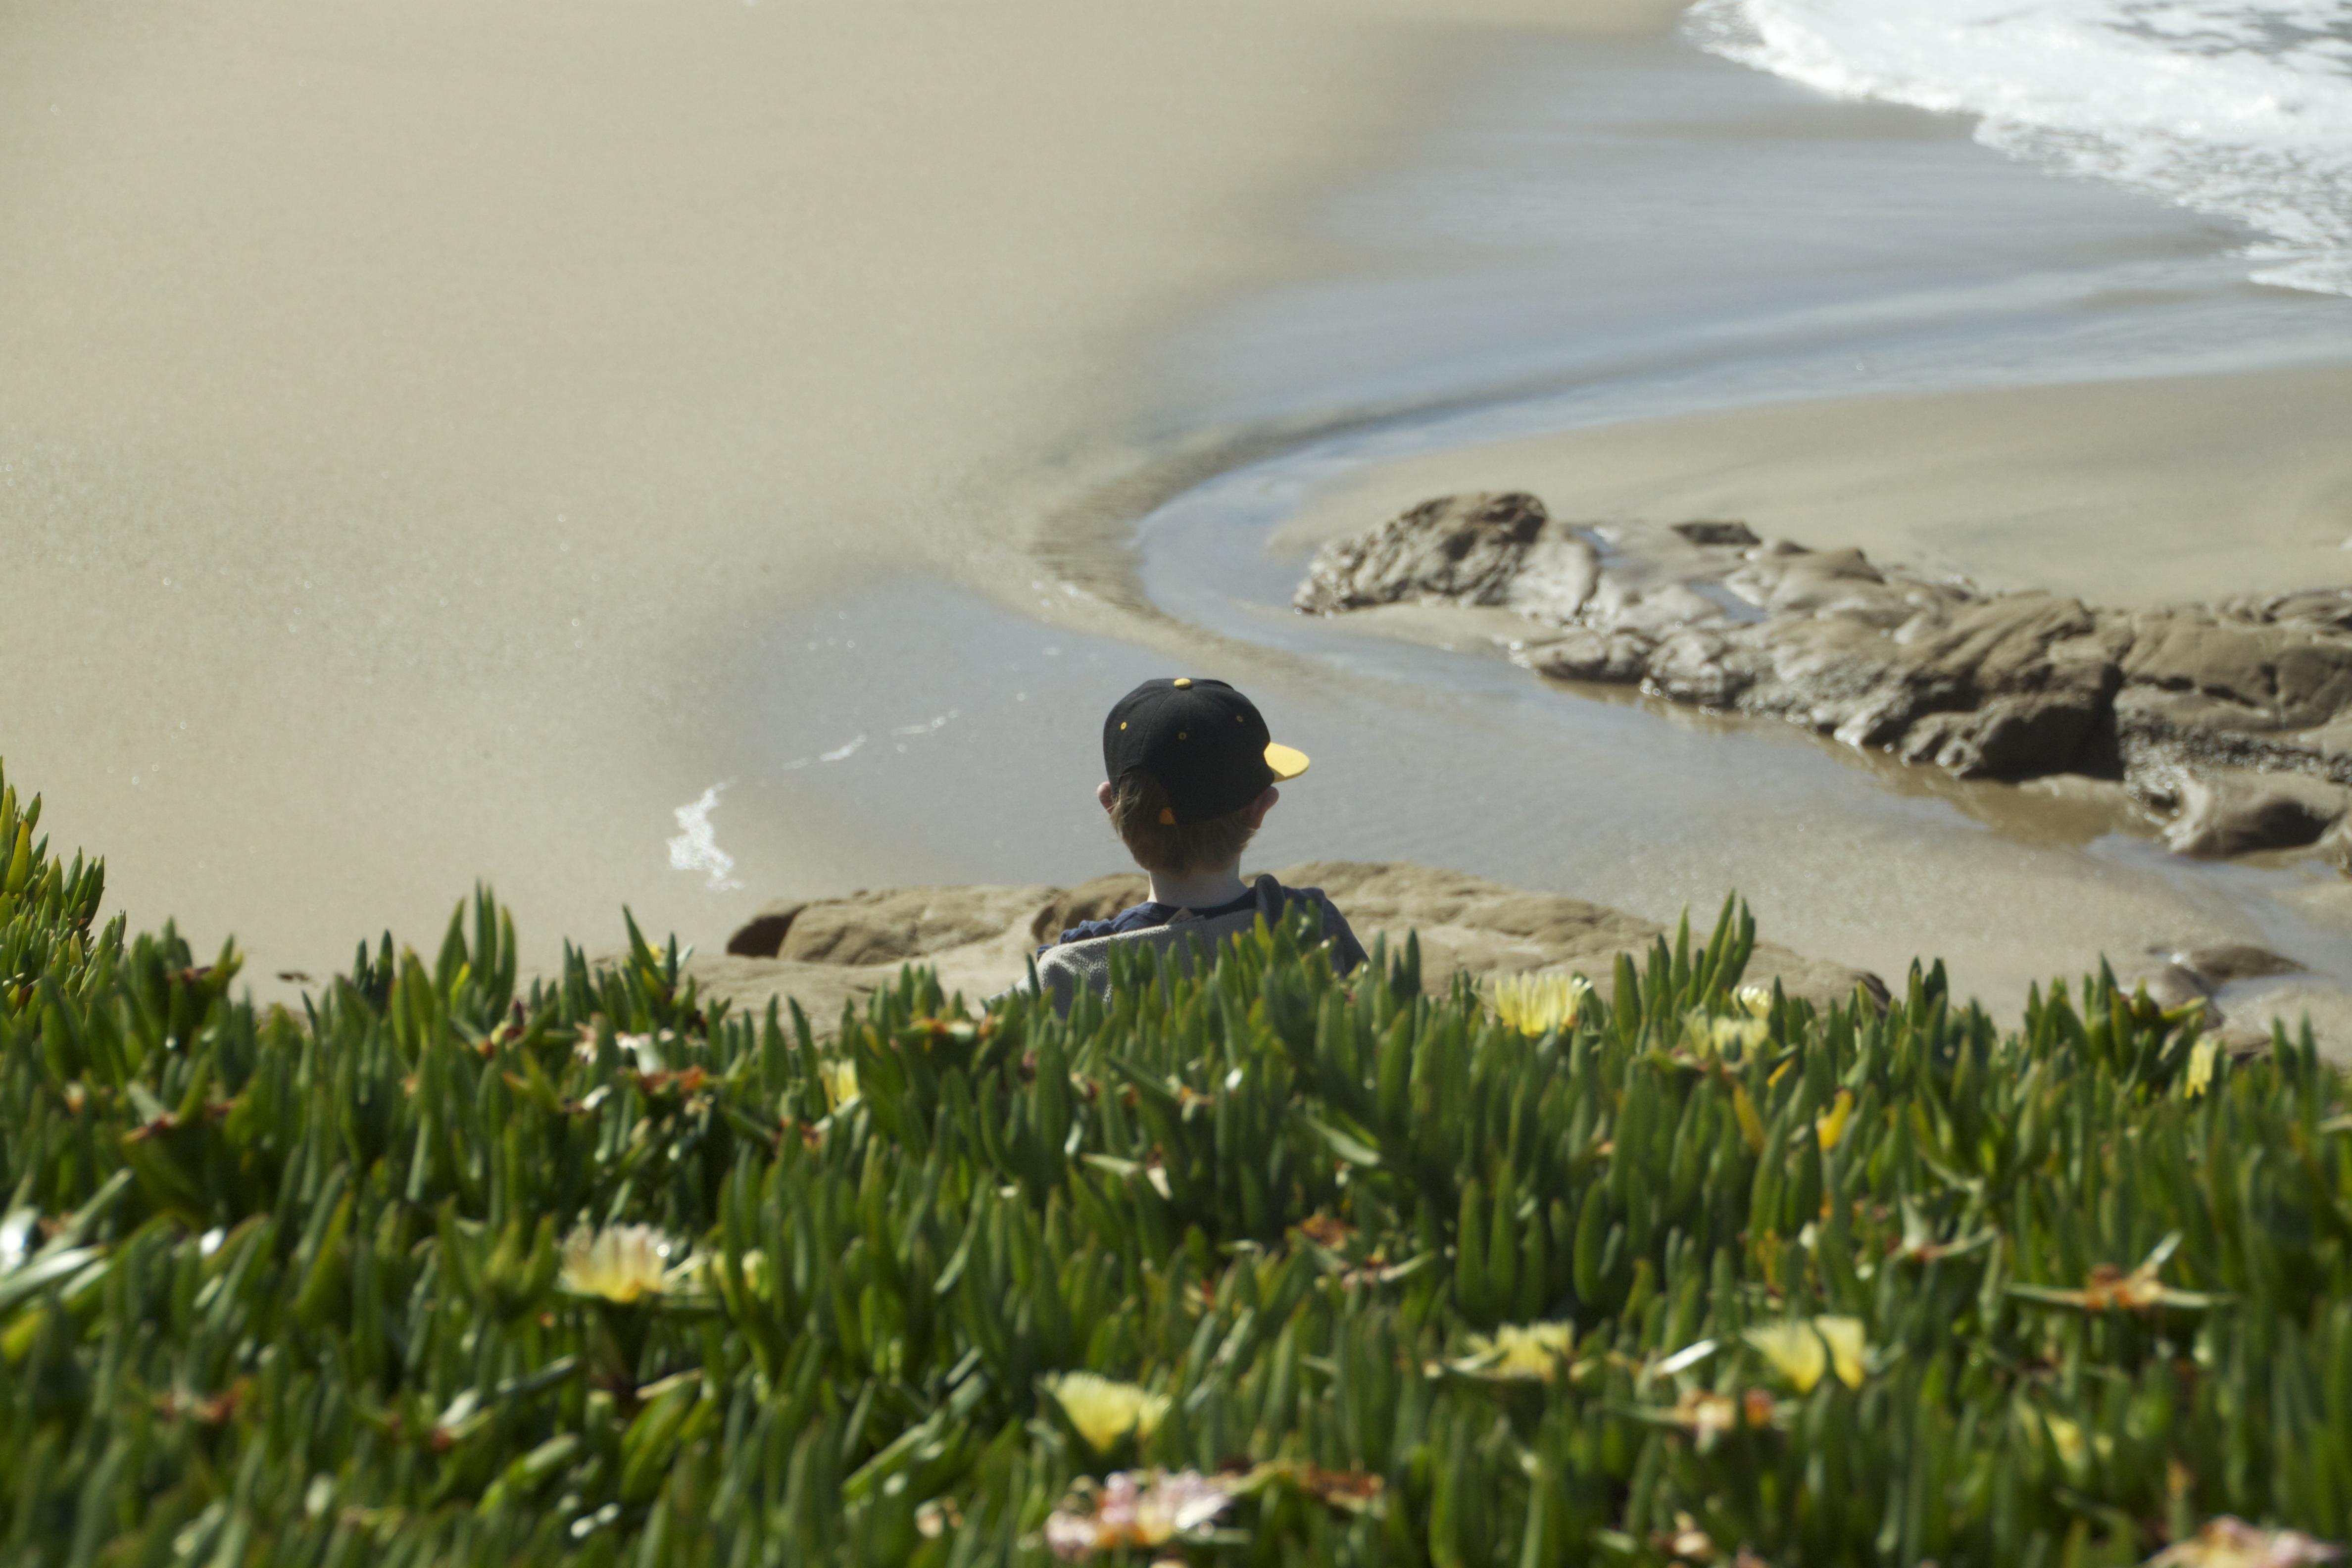 Evan, shore